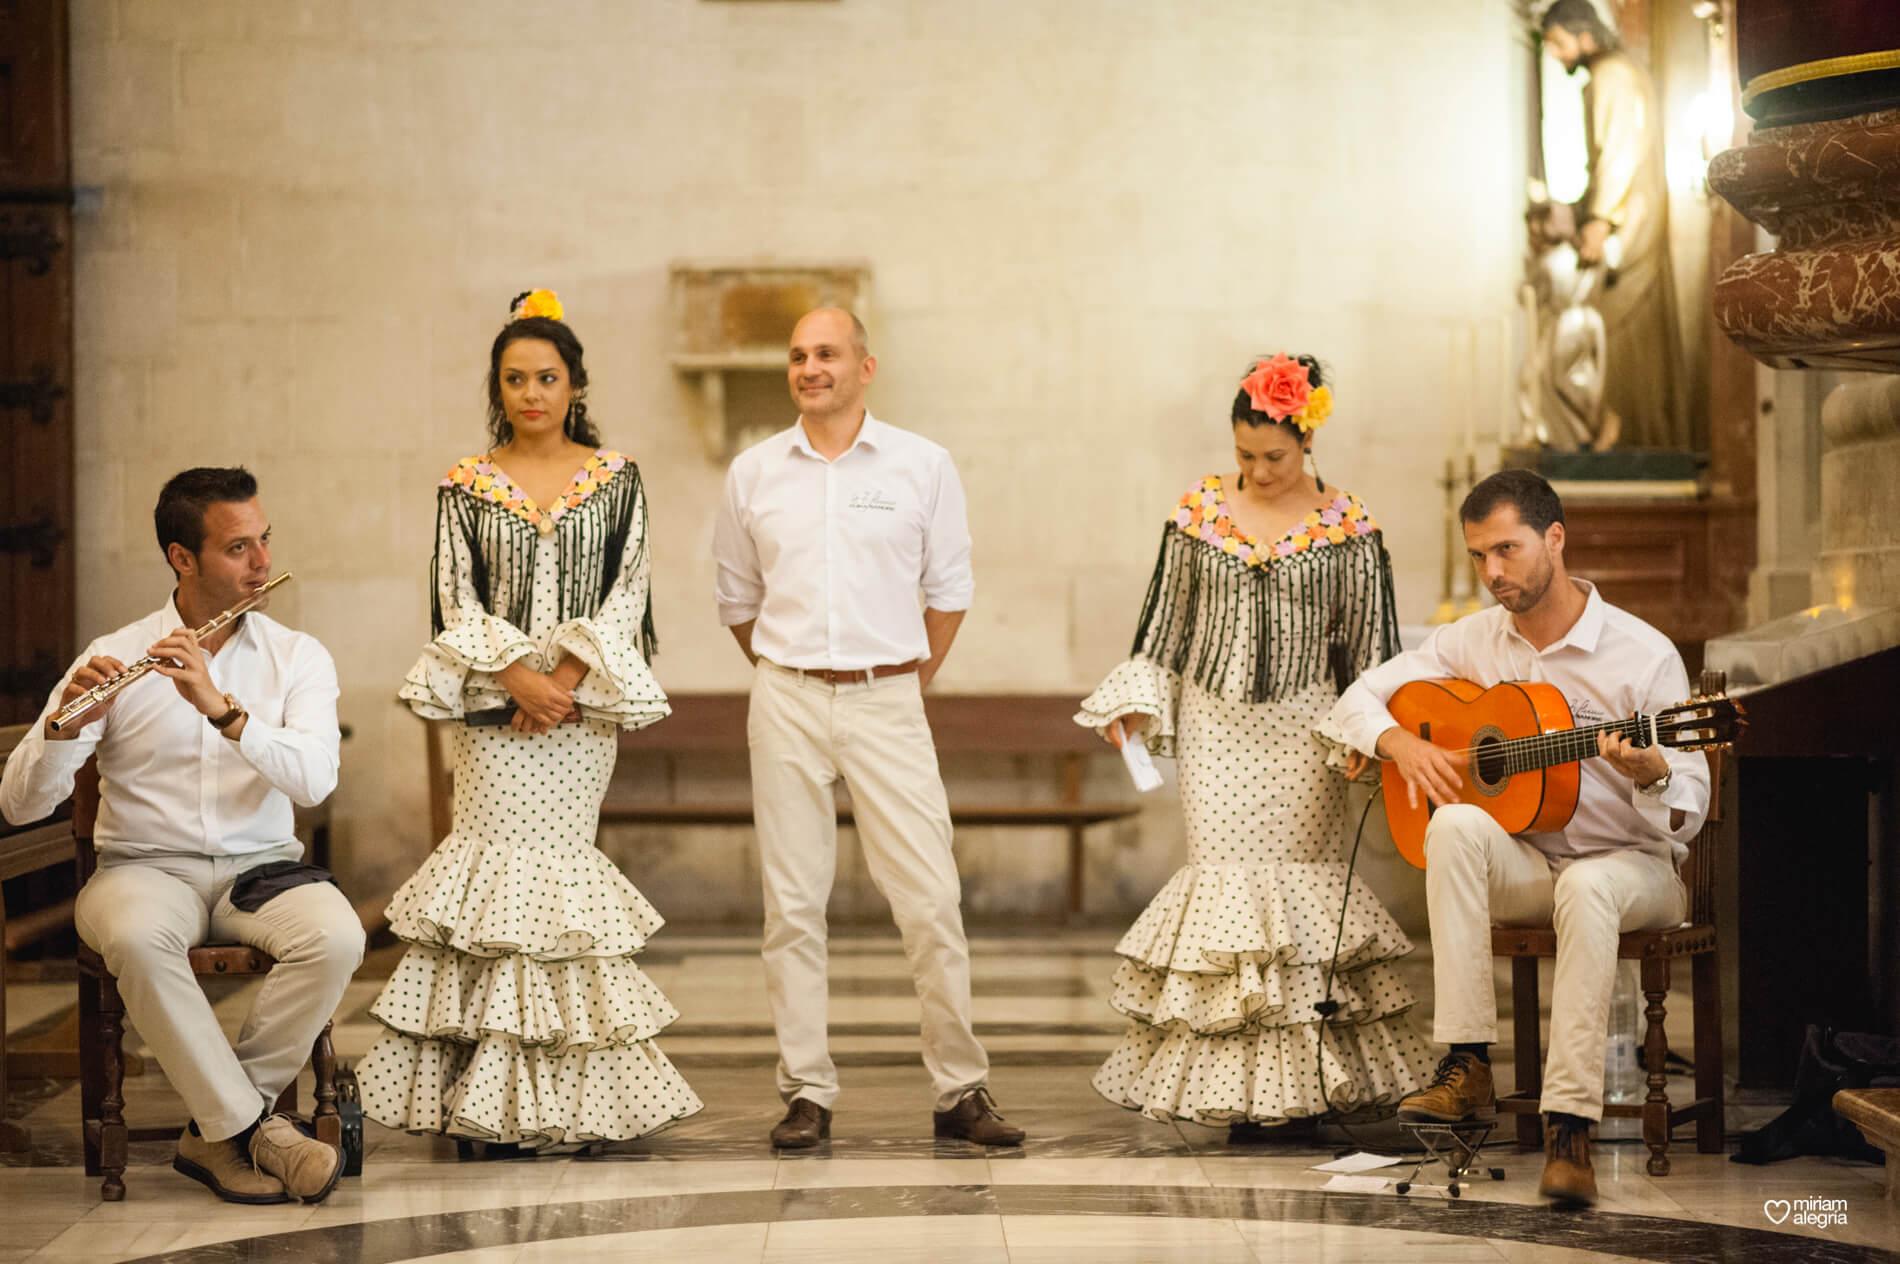 wedding-huerto-del-cura-elche-miriam-alegria-fotografos-boda-202